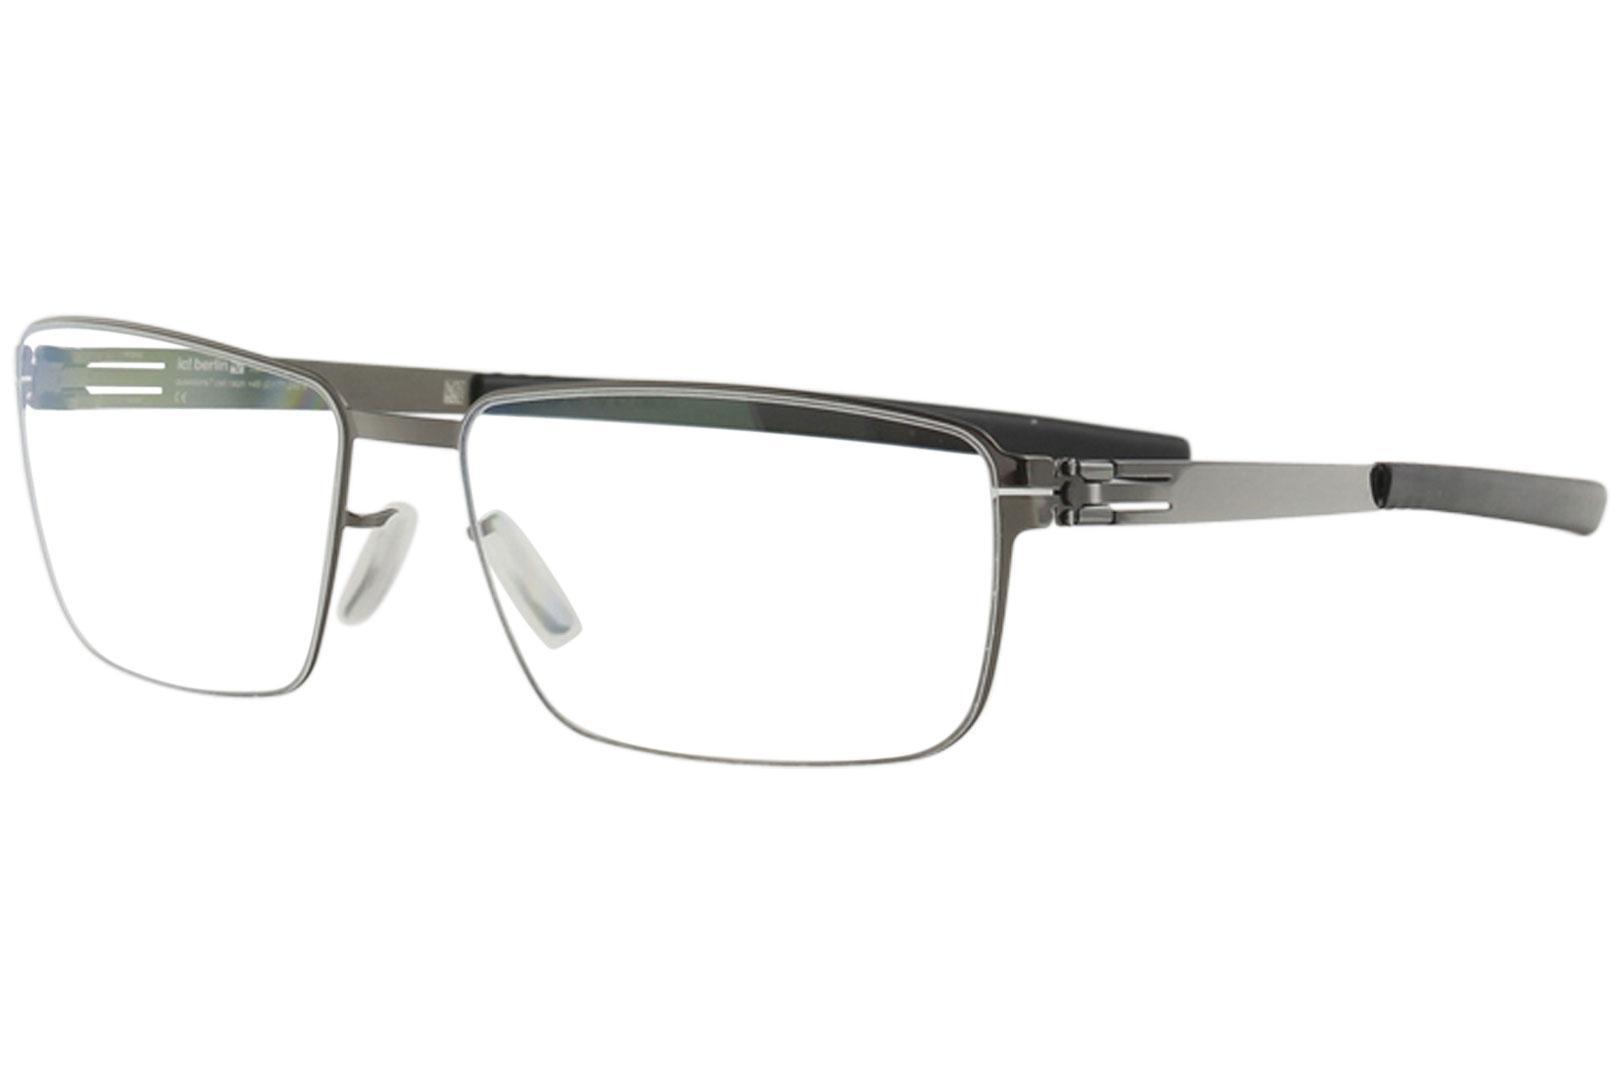 Image of IC! Berlin Men's Eyeglasses Dr. Kauermann Full Rim Flex Optical Frame - Gold - Lens 55 Bridge 17 Temple 150mm